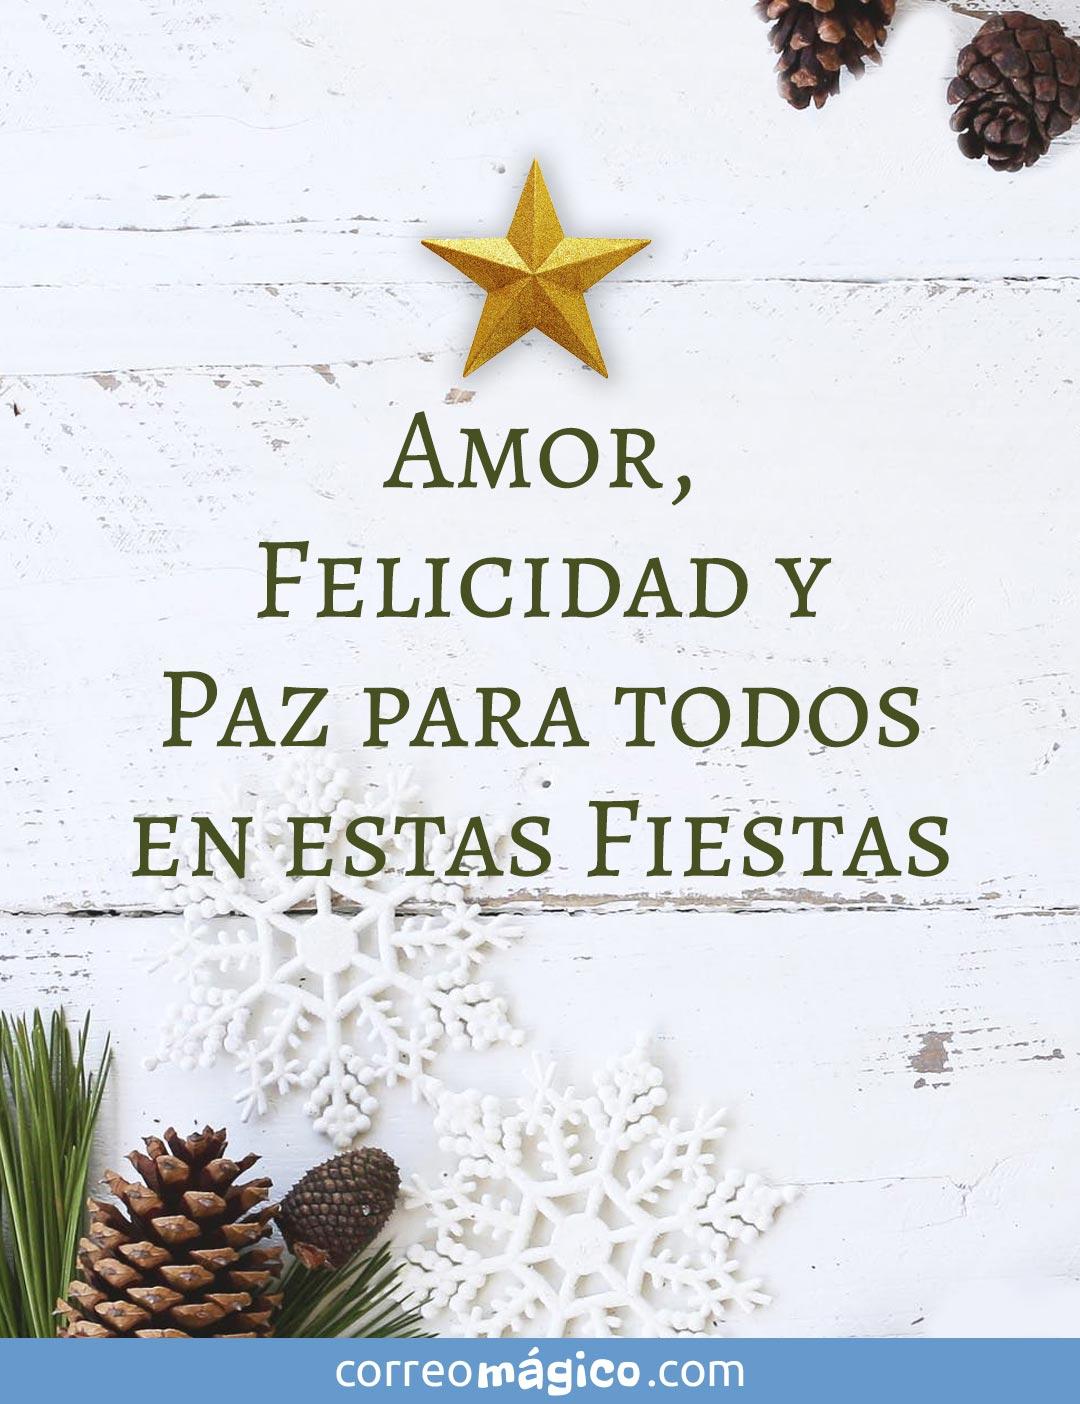 Amor, Felicidad y Paz para todos en estas Fiestas